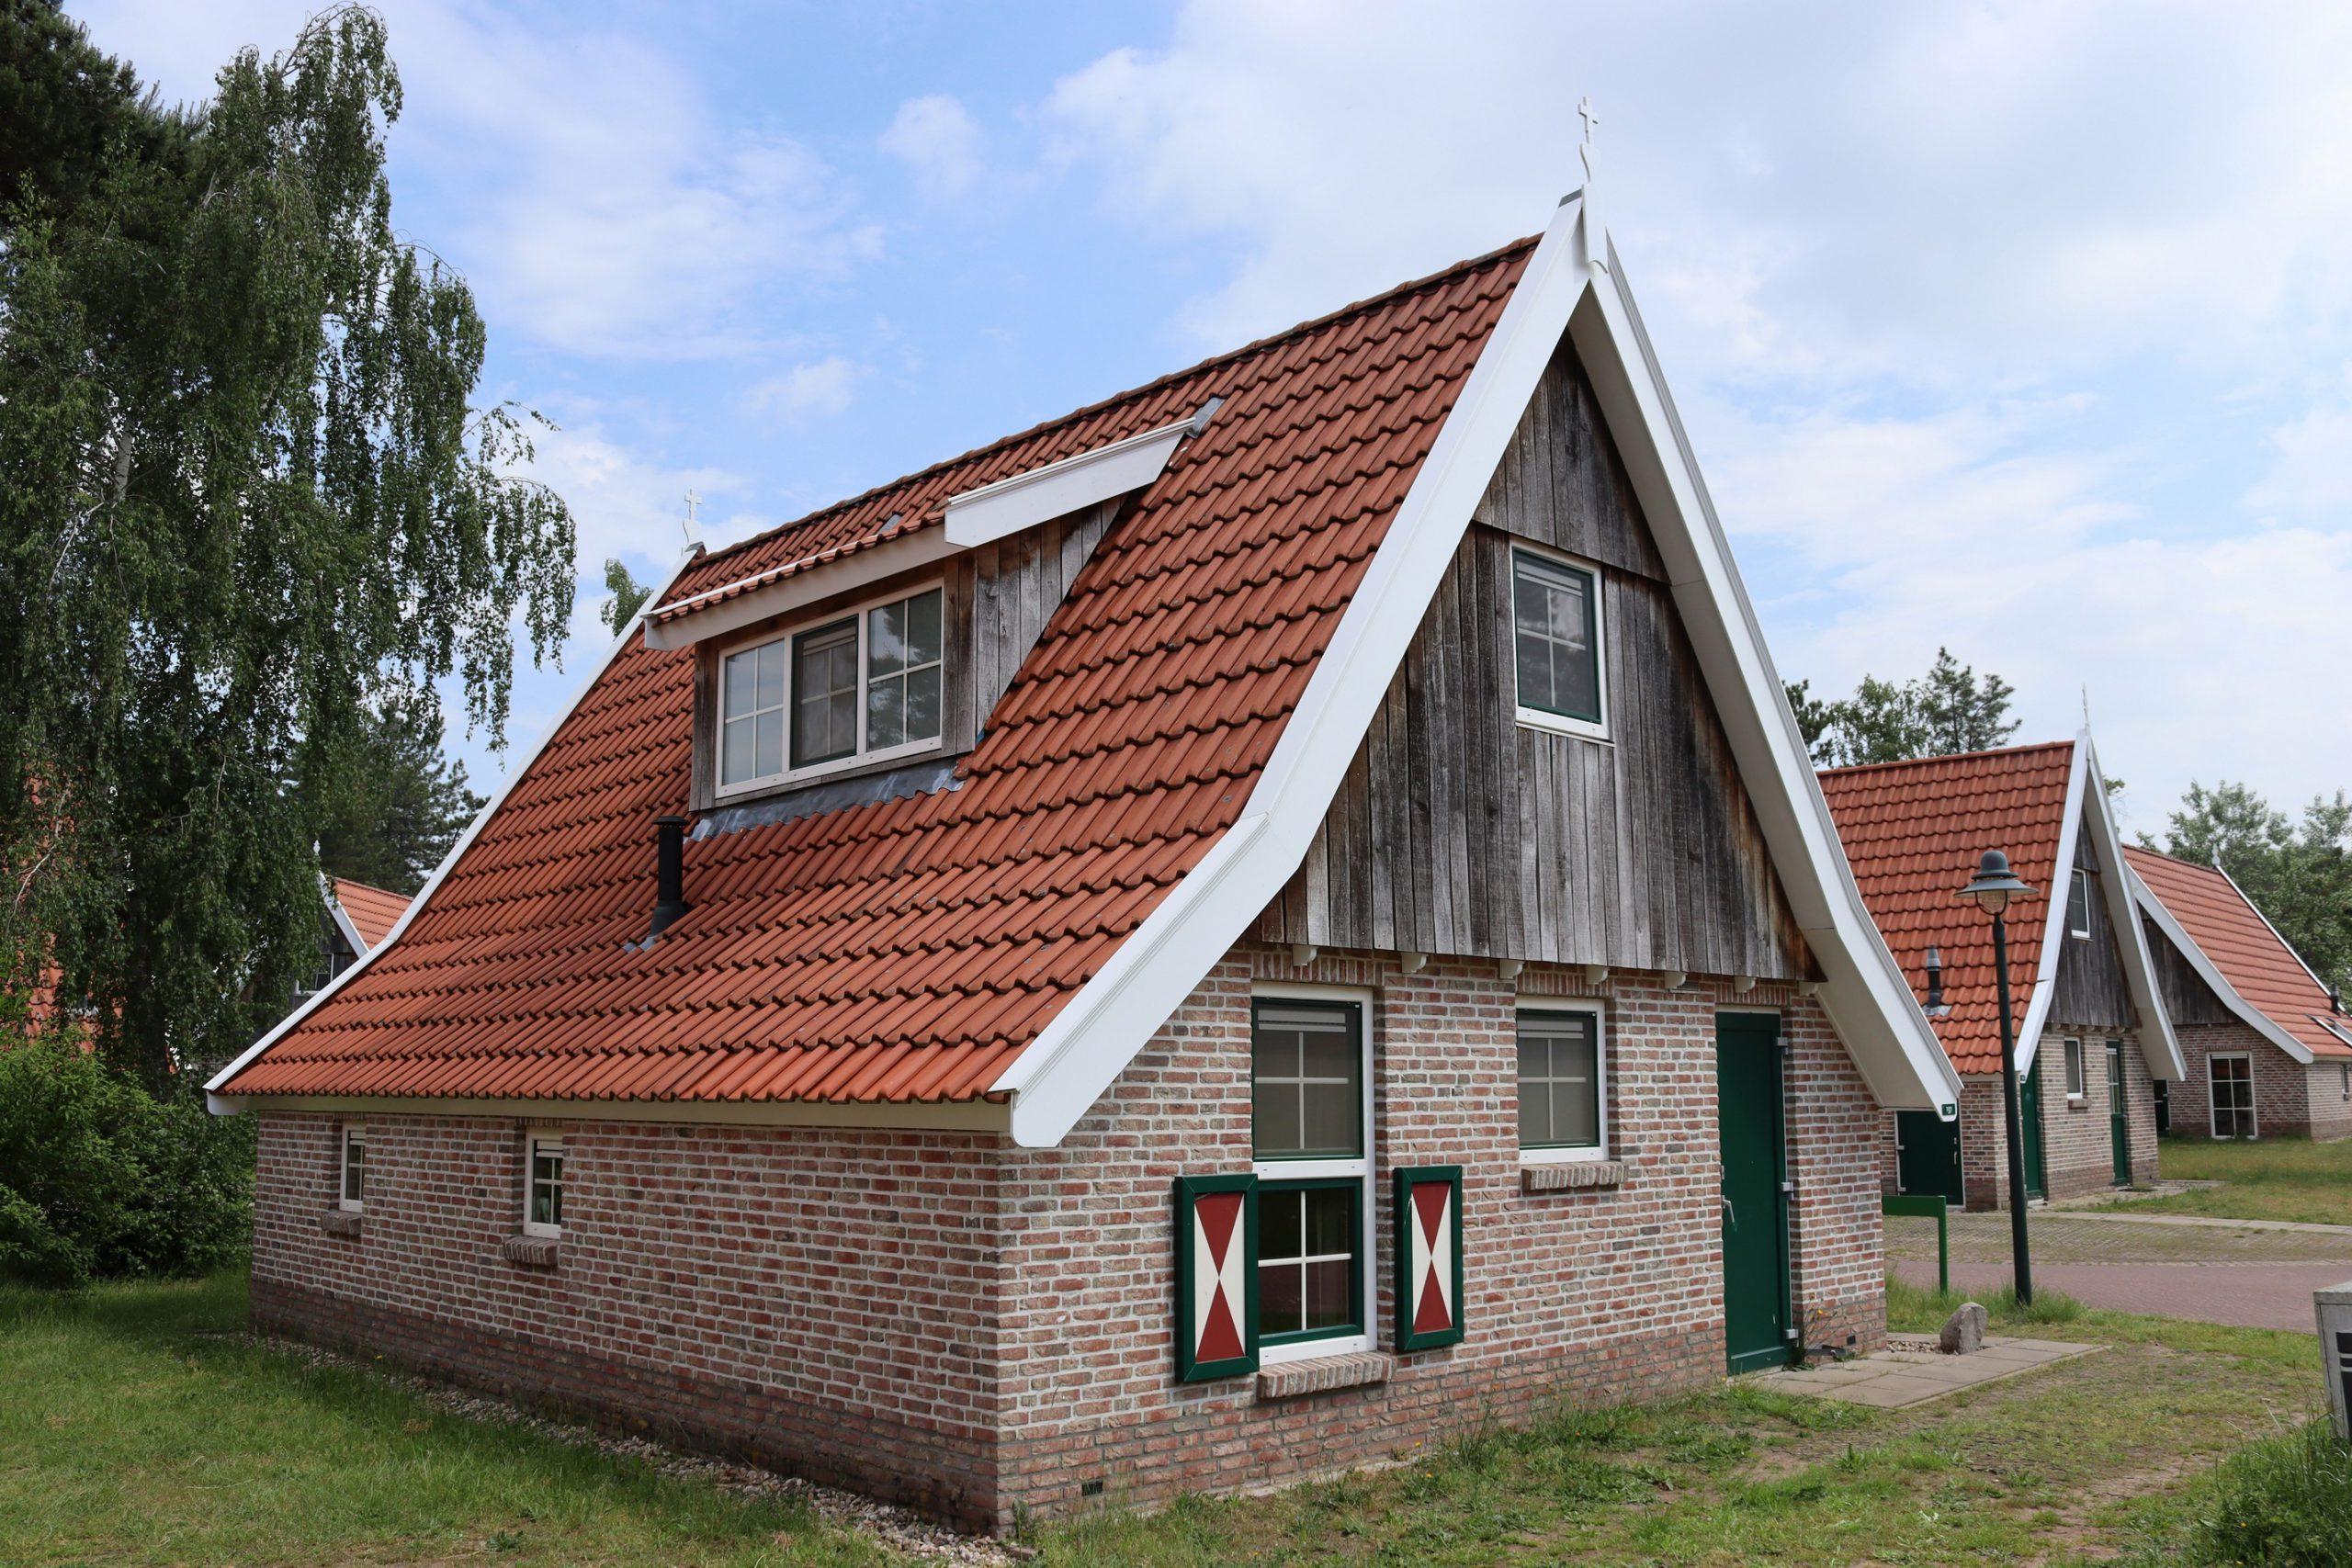 2. Recreatiewoning nr. 137 6-persoons DO Landal De Hellendoornse Berg